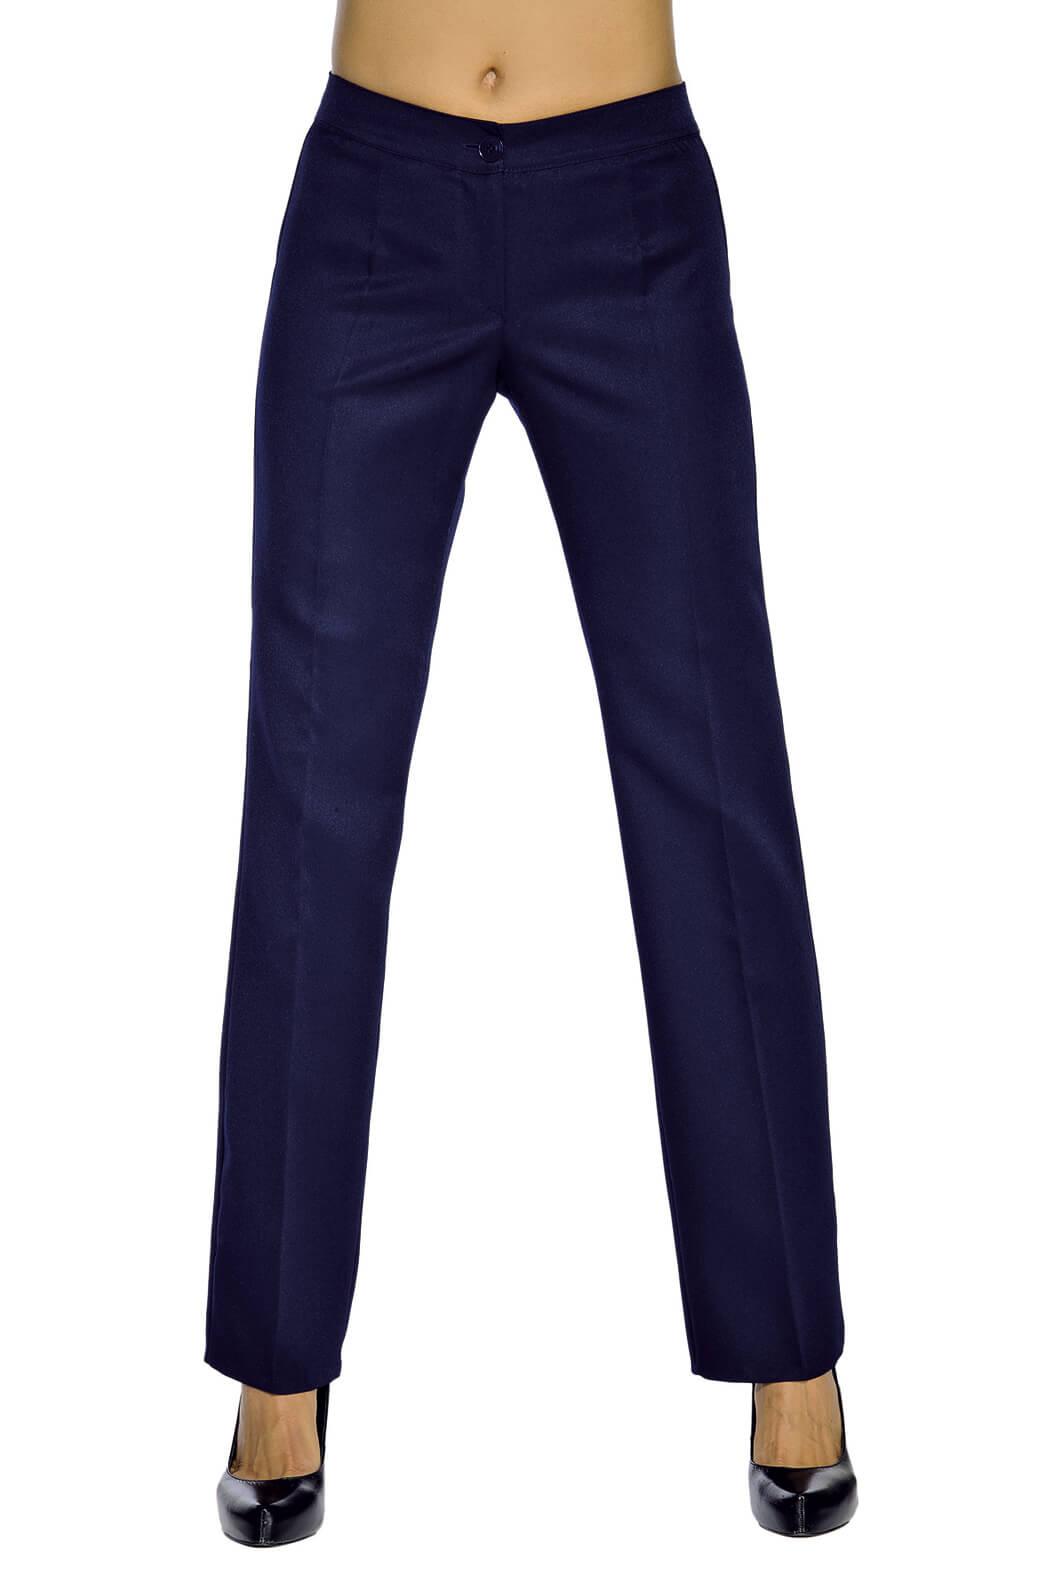 pantalon femme bleu marine coupe droite restauration et. Black Bedroom Furniture Sets. Home Design Ideas